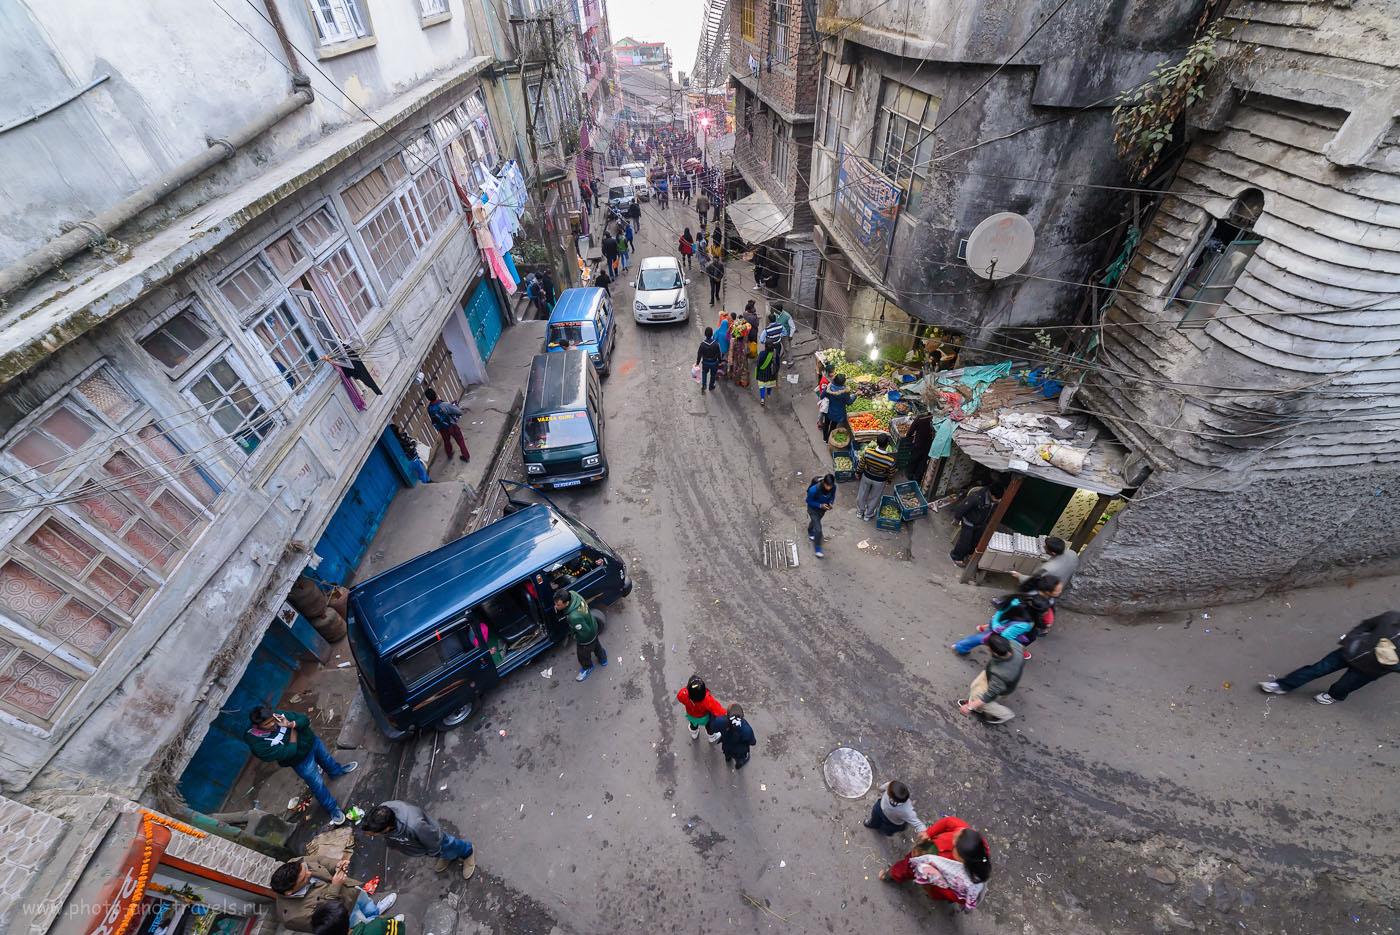 Фото 3. Самостоятельная поездка в город Дарджилинг в штате Западная Бенгалия в Индии. 1/30, -0.67, 8.0, 1000, 14.